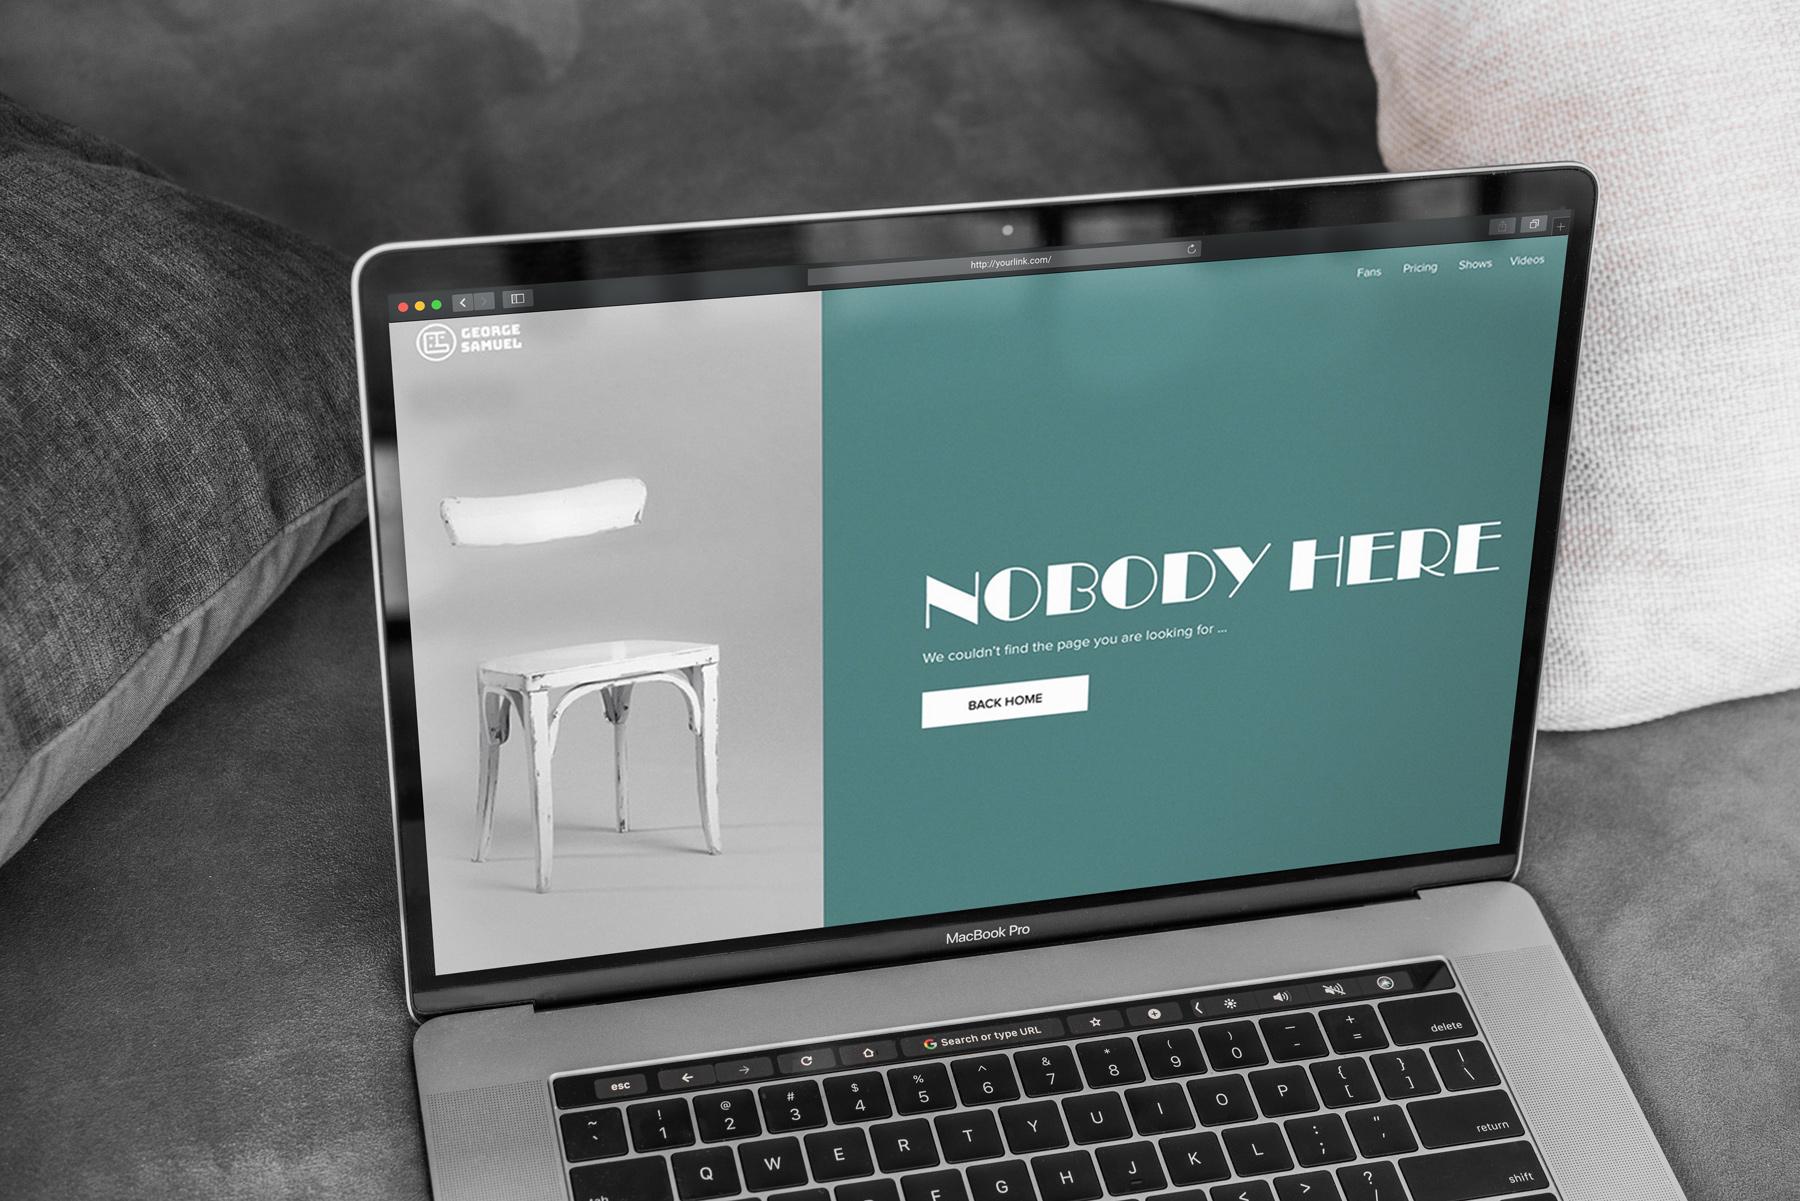 MacBook Pro Mock-Up Loft Style example image 4